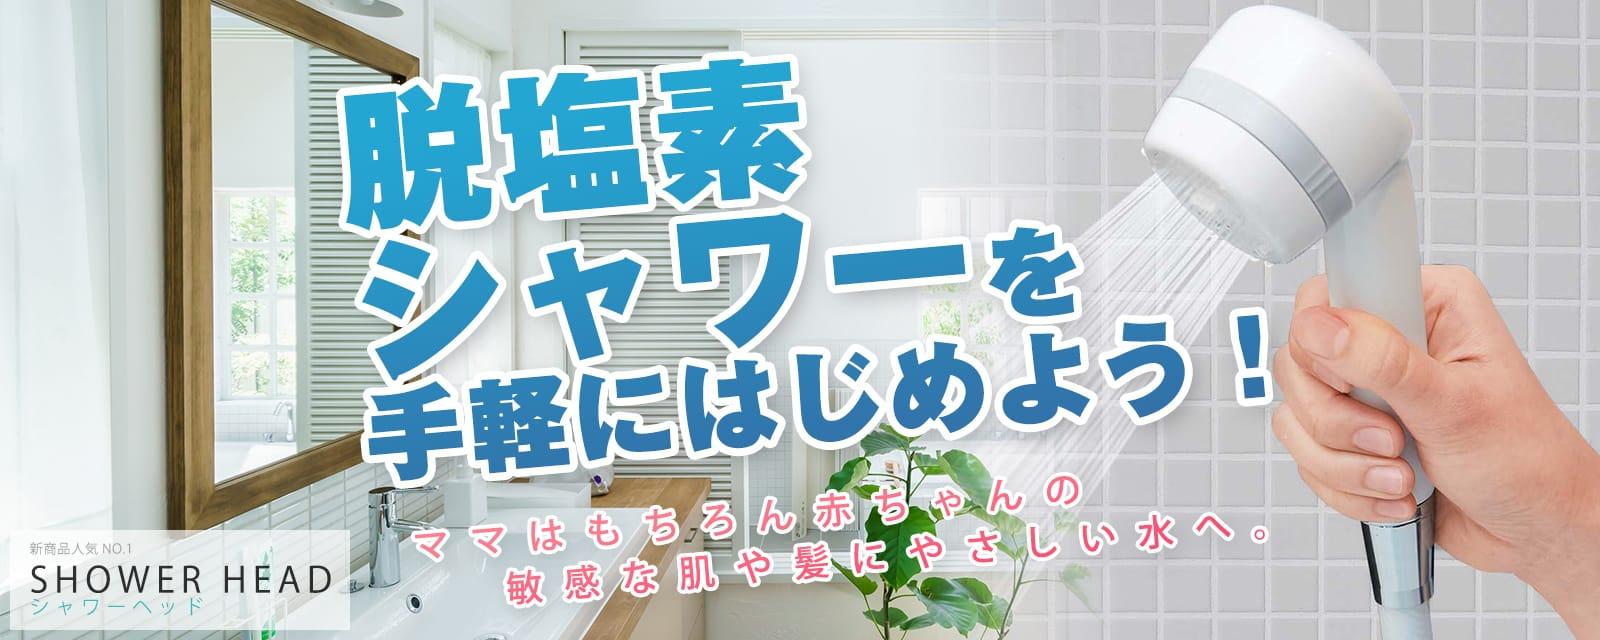 シャワー ダスキン 【徹底比較】シャワーヘッドのおすすめ人気ランキング42選